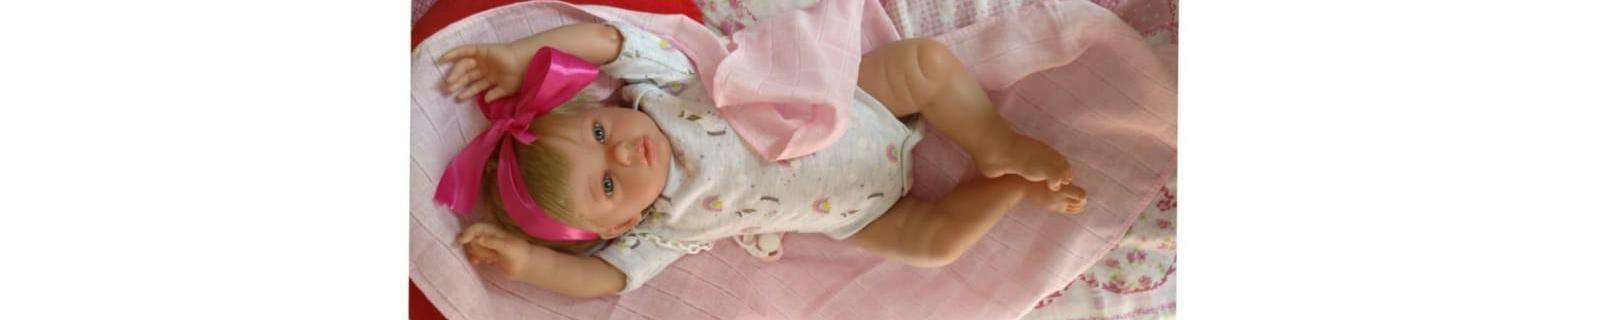 Guía de cuidados básicos para tu bebé reborn